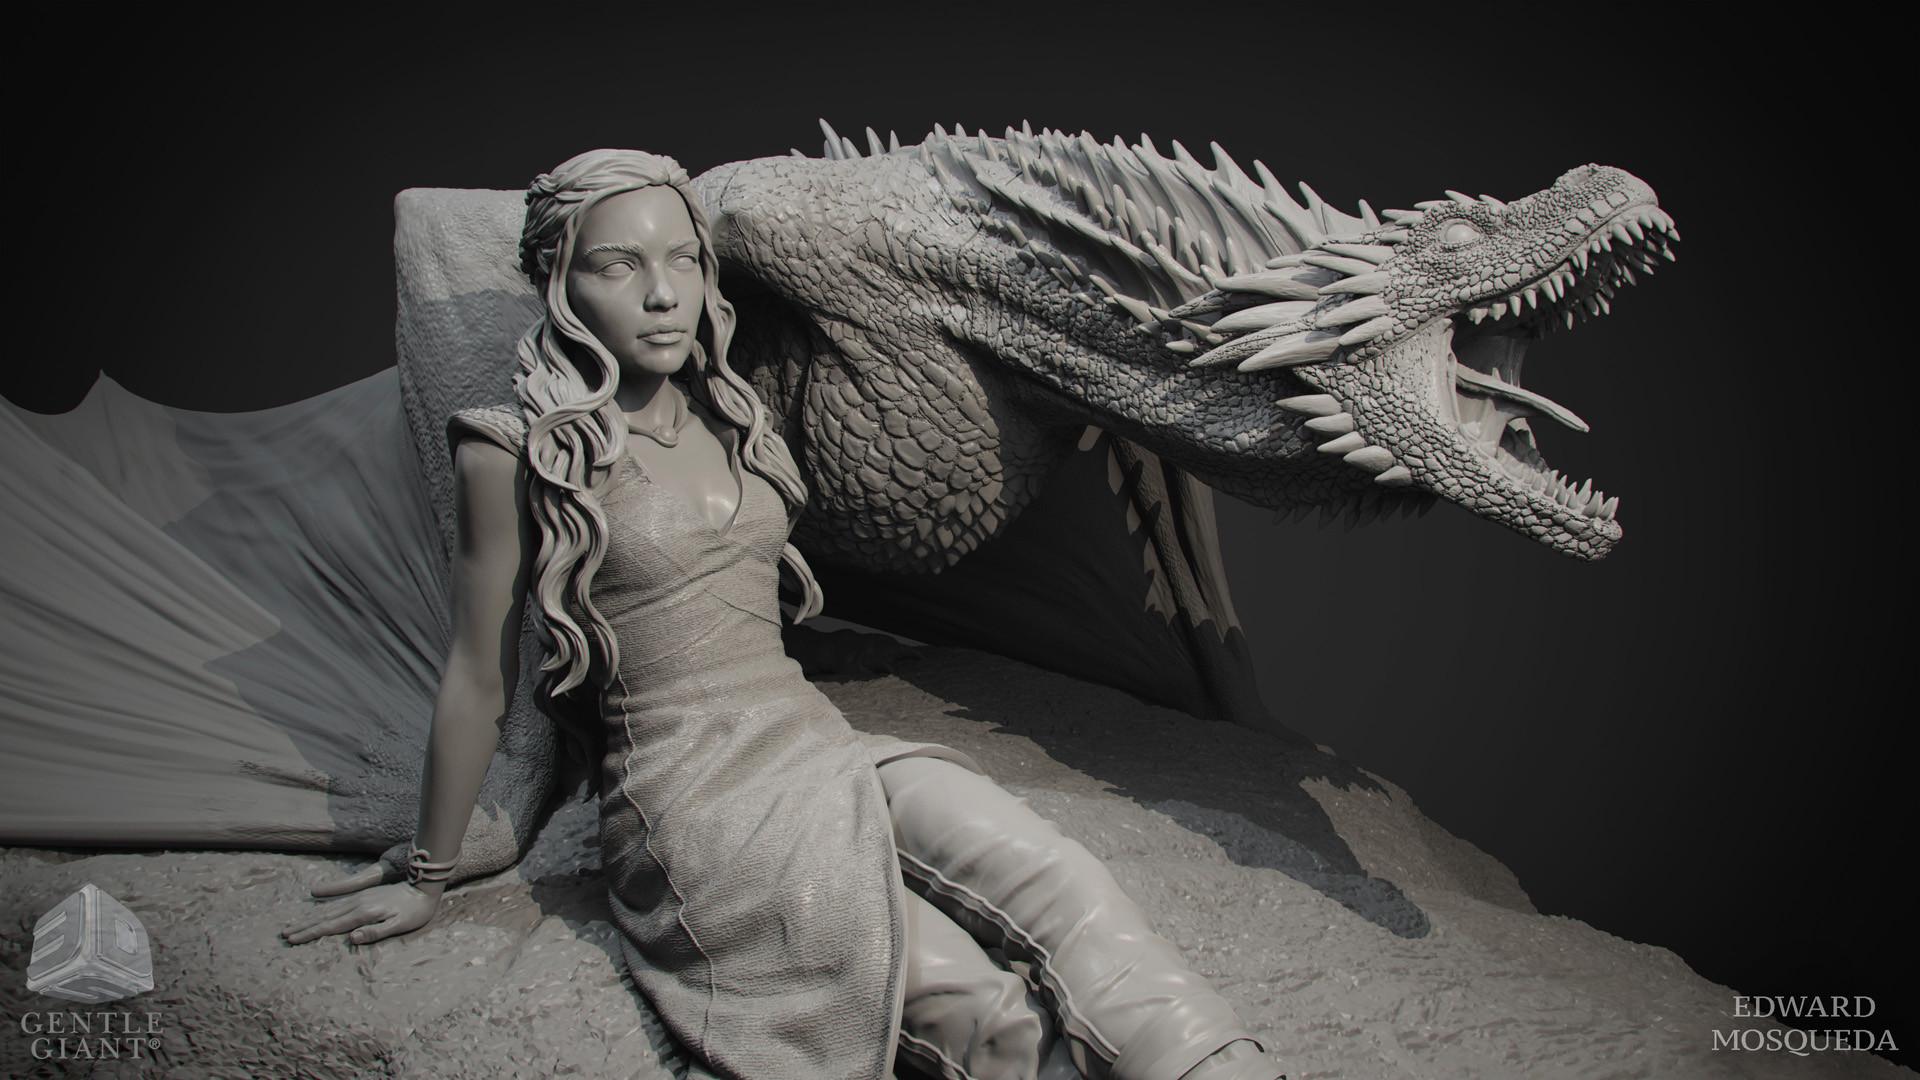 Edward Mosqueda - Daenerys Targaryen Drogon Game Of Thrones Statue